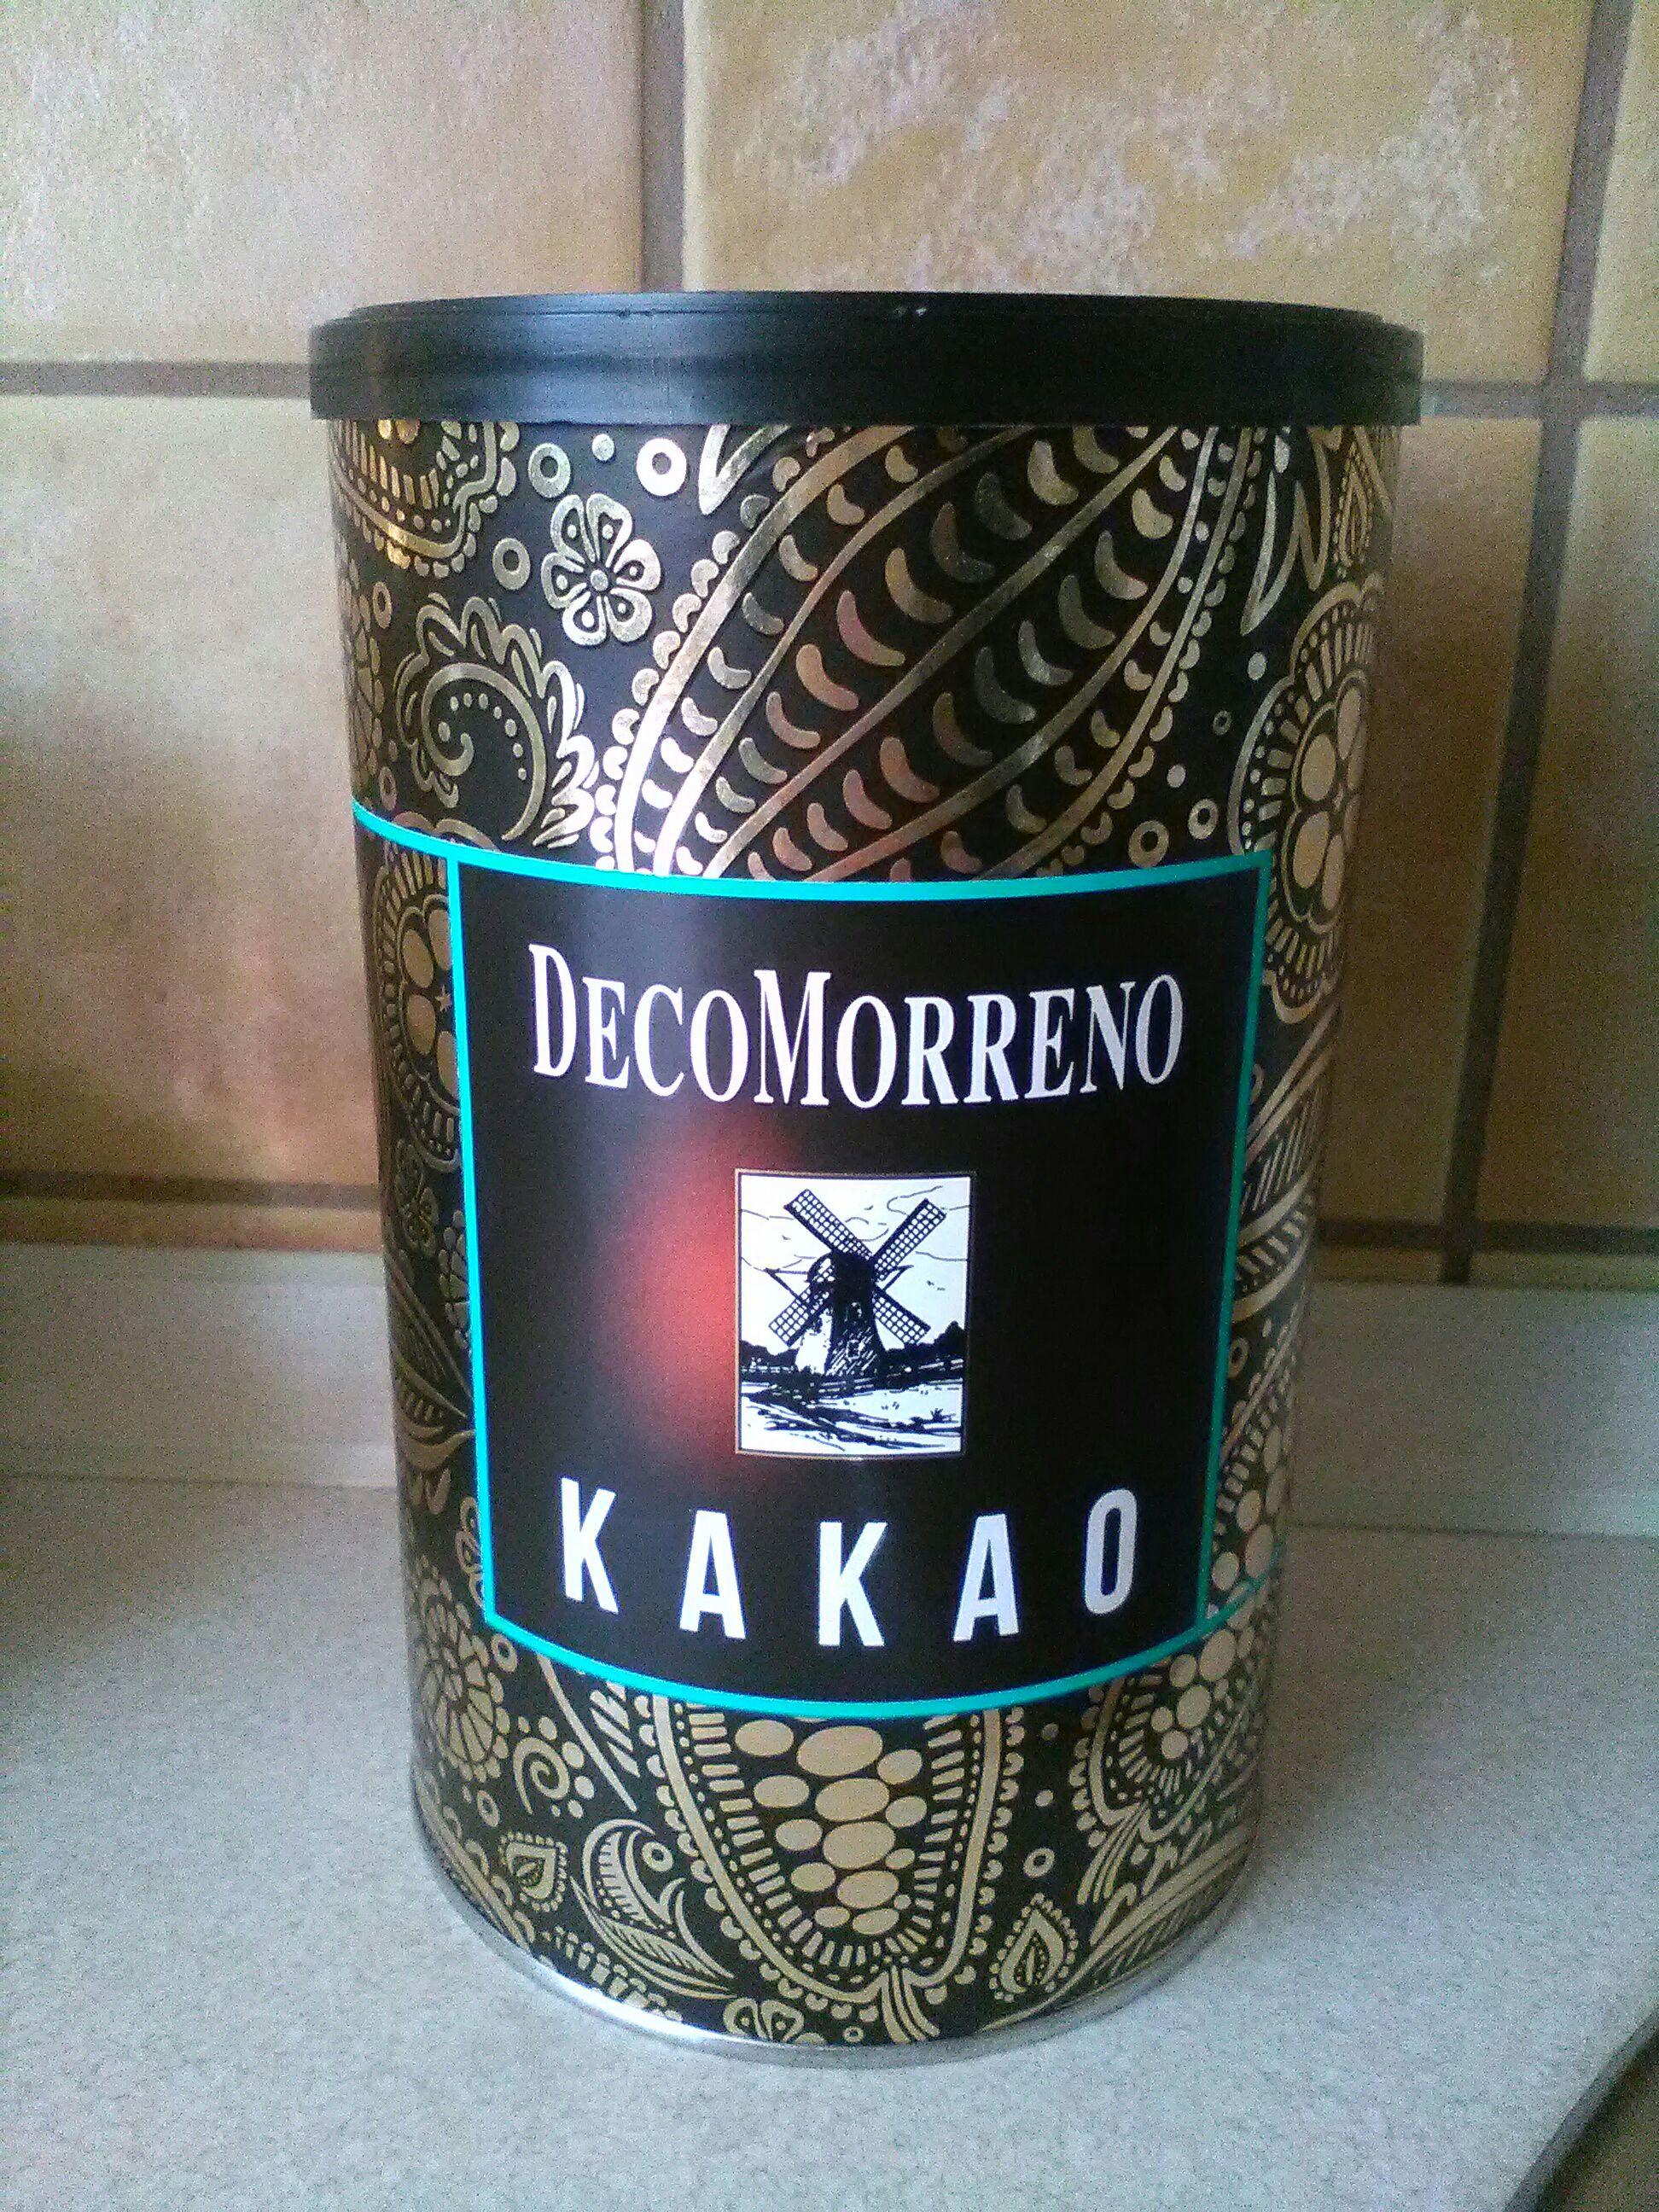 Kakao autorstwa DecoMorreno 150 g w puszce w Tesco supermarket Szczecin